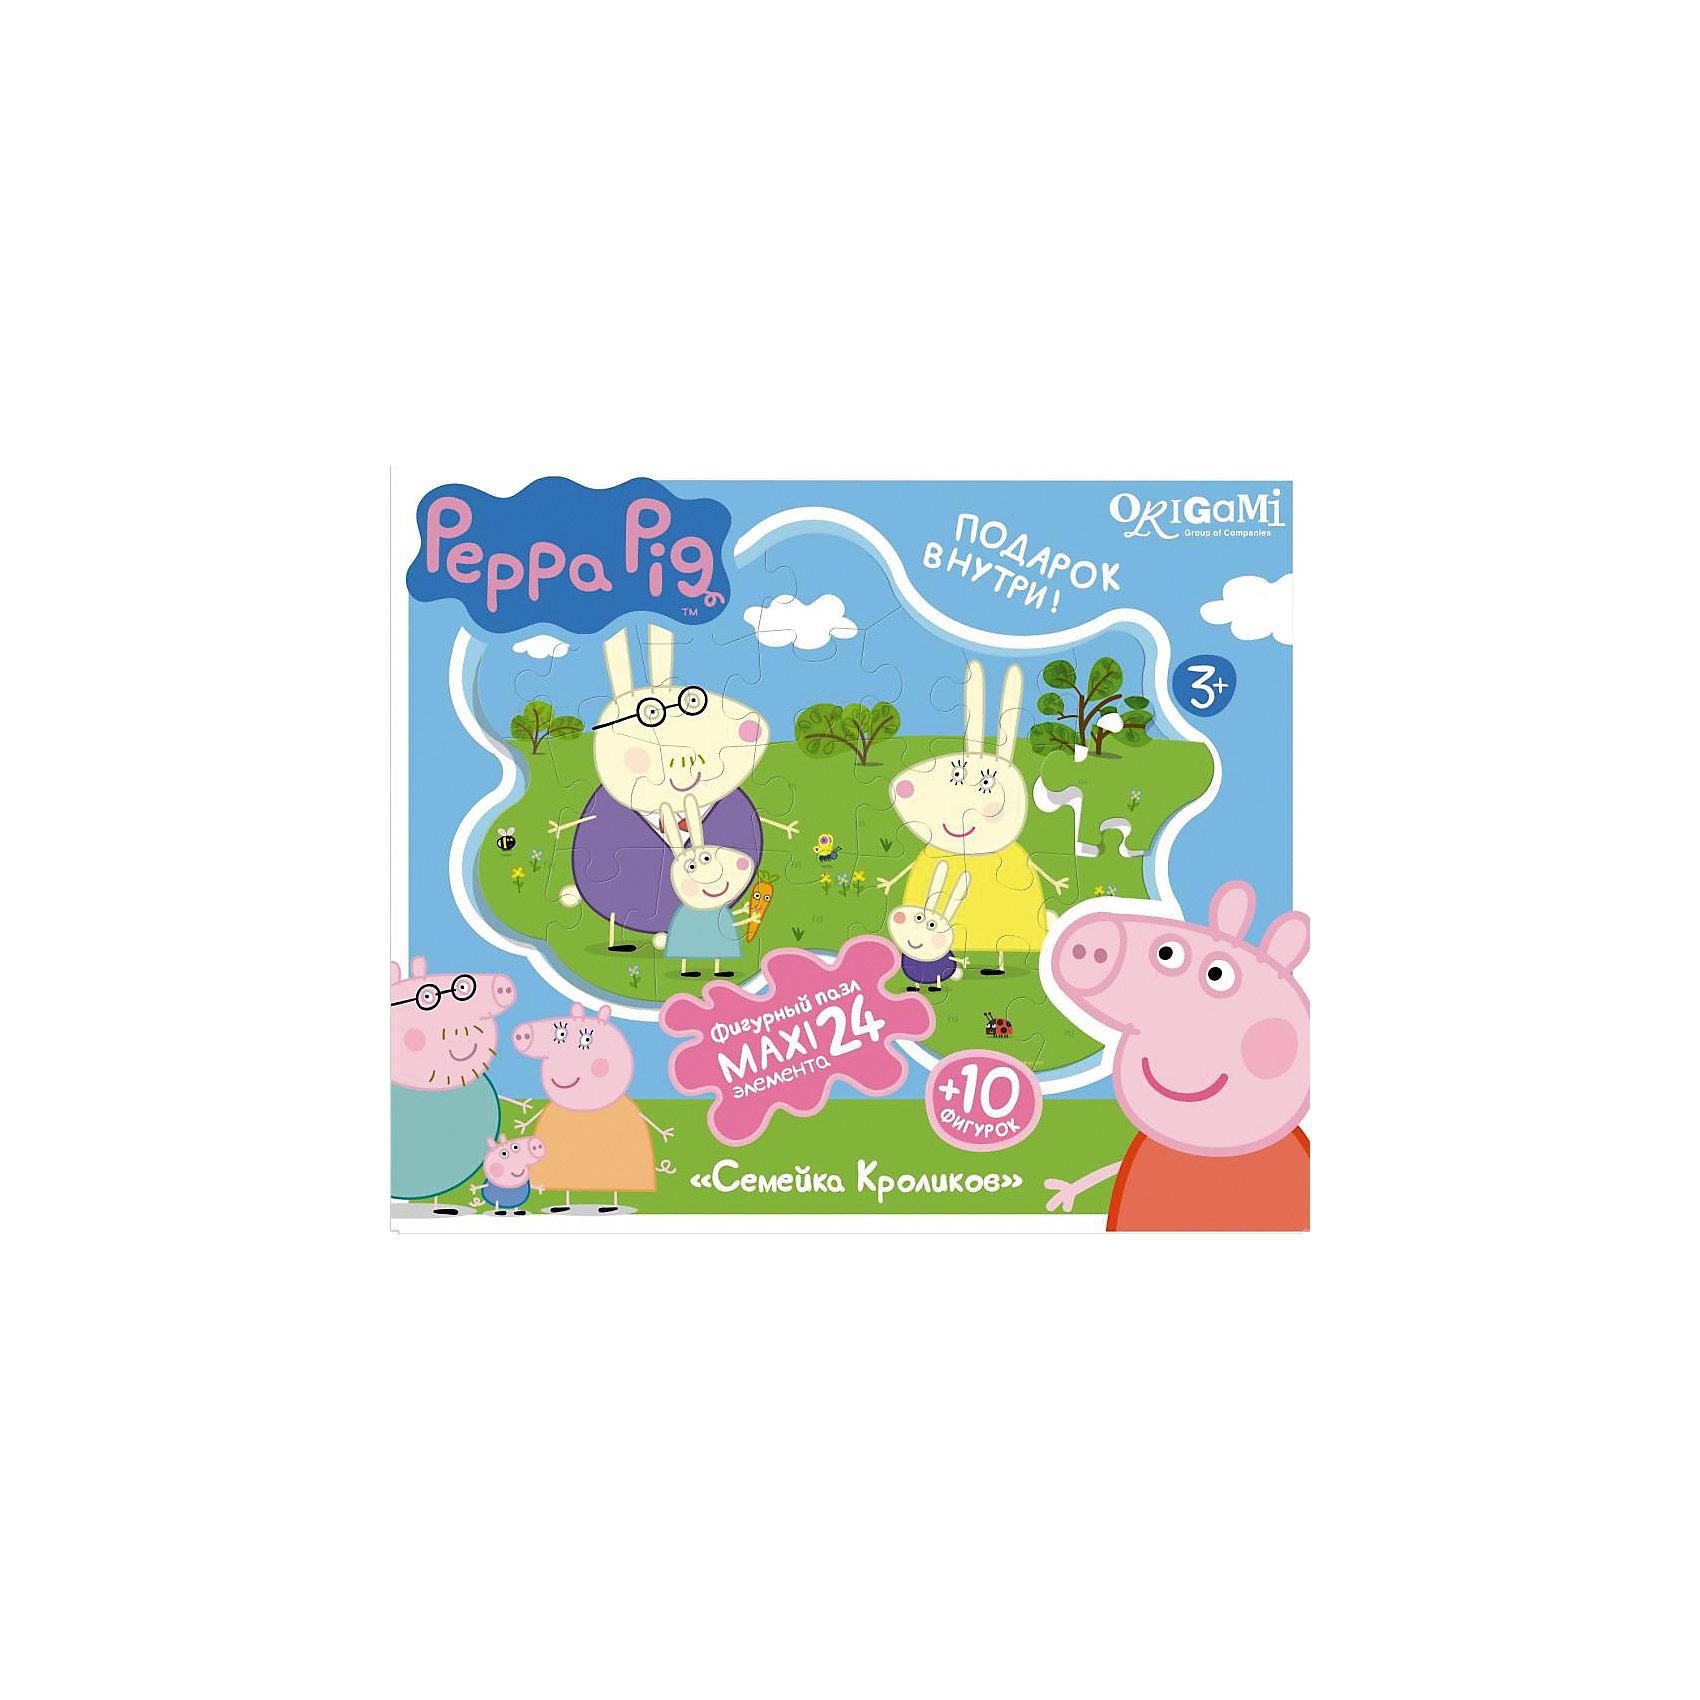 Пазл Семья кроликов + магниты + подставки, 24 MAXI детали, Свинка ПеппаПазлы для малышей<br>Пазл Семья кроликов, Свинка Пеппа - увлекательный и развивающий набор для творчества, который непременно заинтересует Вашего малыша. Из деталей пазла он сможет собрать красочную фигурную картинку с изображением забавной семьи кроликов из популярного мультсериала Peppa Pig. Собранную картинку можно поместить на подставку, превратив ее в декорацию для игры с картонными фигурками персонажей (входят в комплект). А с помощью магнитов изображение или фигурки можно прикрепить к холодильнику. Пазл отличается высоким качеством полиграфии и насыщенными цветами. Благодаря ламинированному покрытию картинка надолго сохраняет свой блеск и яркие цвета. Плотный картон не дает деталям мяться и обеспечивает надежное соединение. Собирание пазла способствует развитию логического и пространственного мышления, внимания, мелкой моторики и координации движений.<br><br>Дополнительная информация:<br><br>- В комплекте: контурный пазл (24 детали), 10 фигурок, магниты, подставка.<br>- Материал: картон, бумага. <br>- Размер упаковки: 28 x 6 x 23 см.<br>- Вес: 0,424 кг.<br> <br>Пазл Семья кроликов + магниты + подставки, 24 MAXI детали, Свинка Пеппа, Origami, можно купить в нашем интернет-магазине.<br><br>Ширина мм: 280<br>Глубина мм: 60<br>Высота мм: 230<br>Вес г: 100<br>Возраст от месяцев: 36<br>Возраст до месяцев: 96<br>Пол: Унисекс<br>Возраст: Детский<br>SKU: 4614942